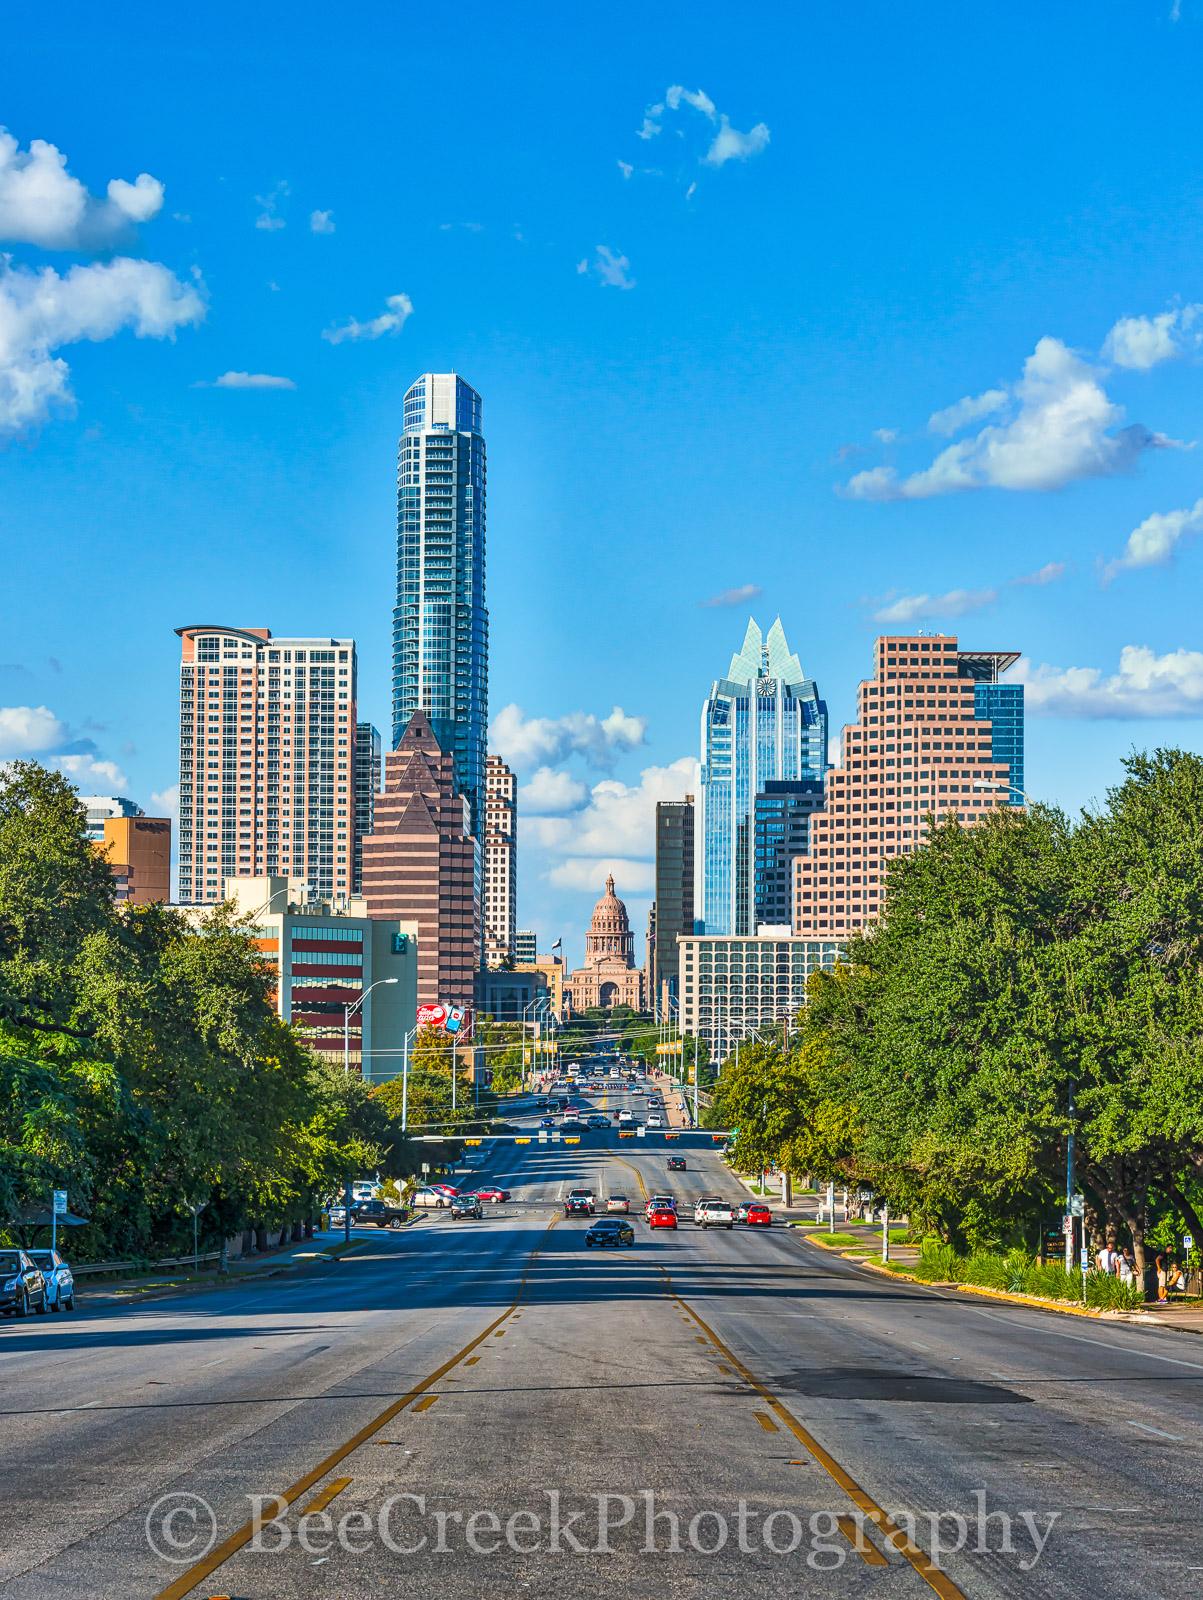 Austin, Capital, Capital of Texas, Congress ave, State Capitol, Texas Capital, Texas skyline, austin tx skyline, buildings, city, city scene, cityscape, cityscapes, congress, congress ave image, congr, photo